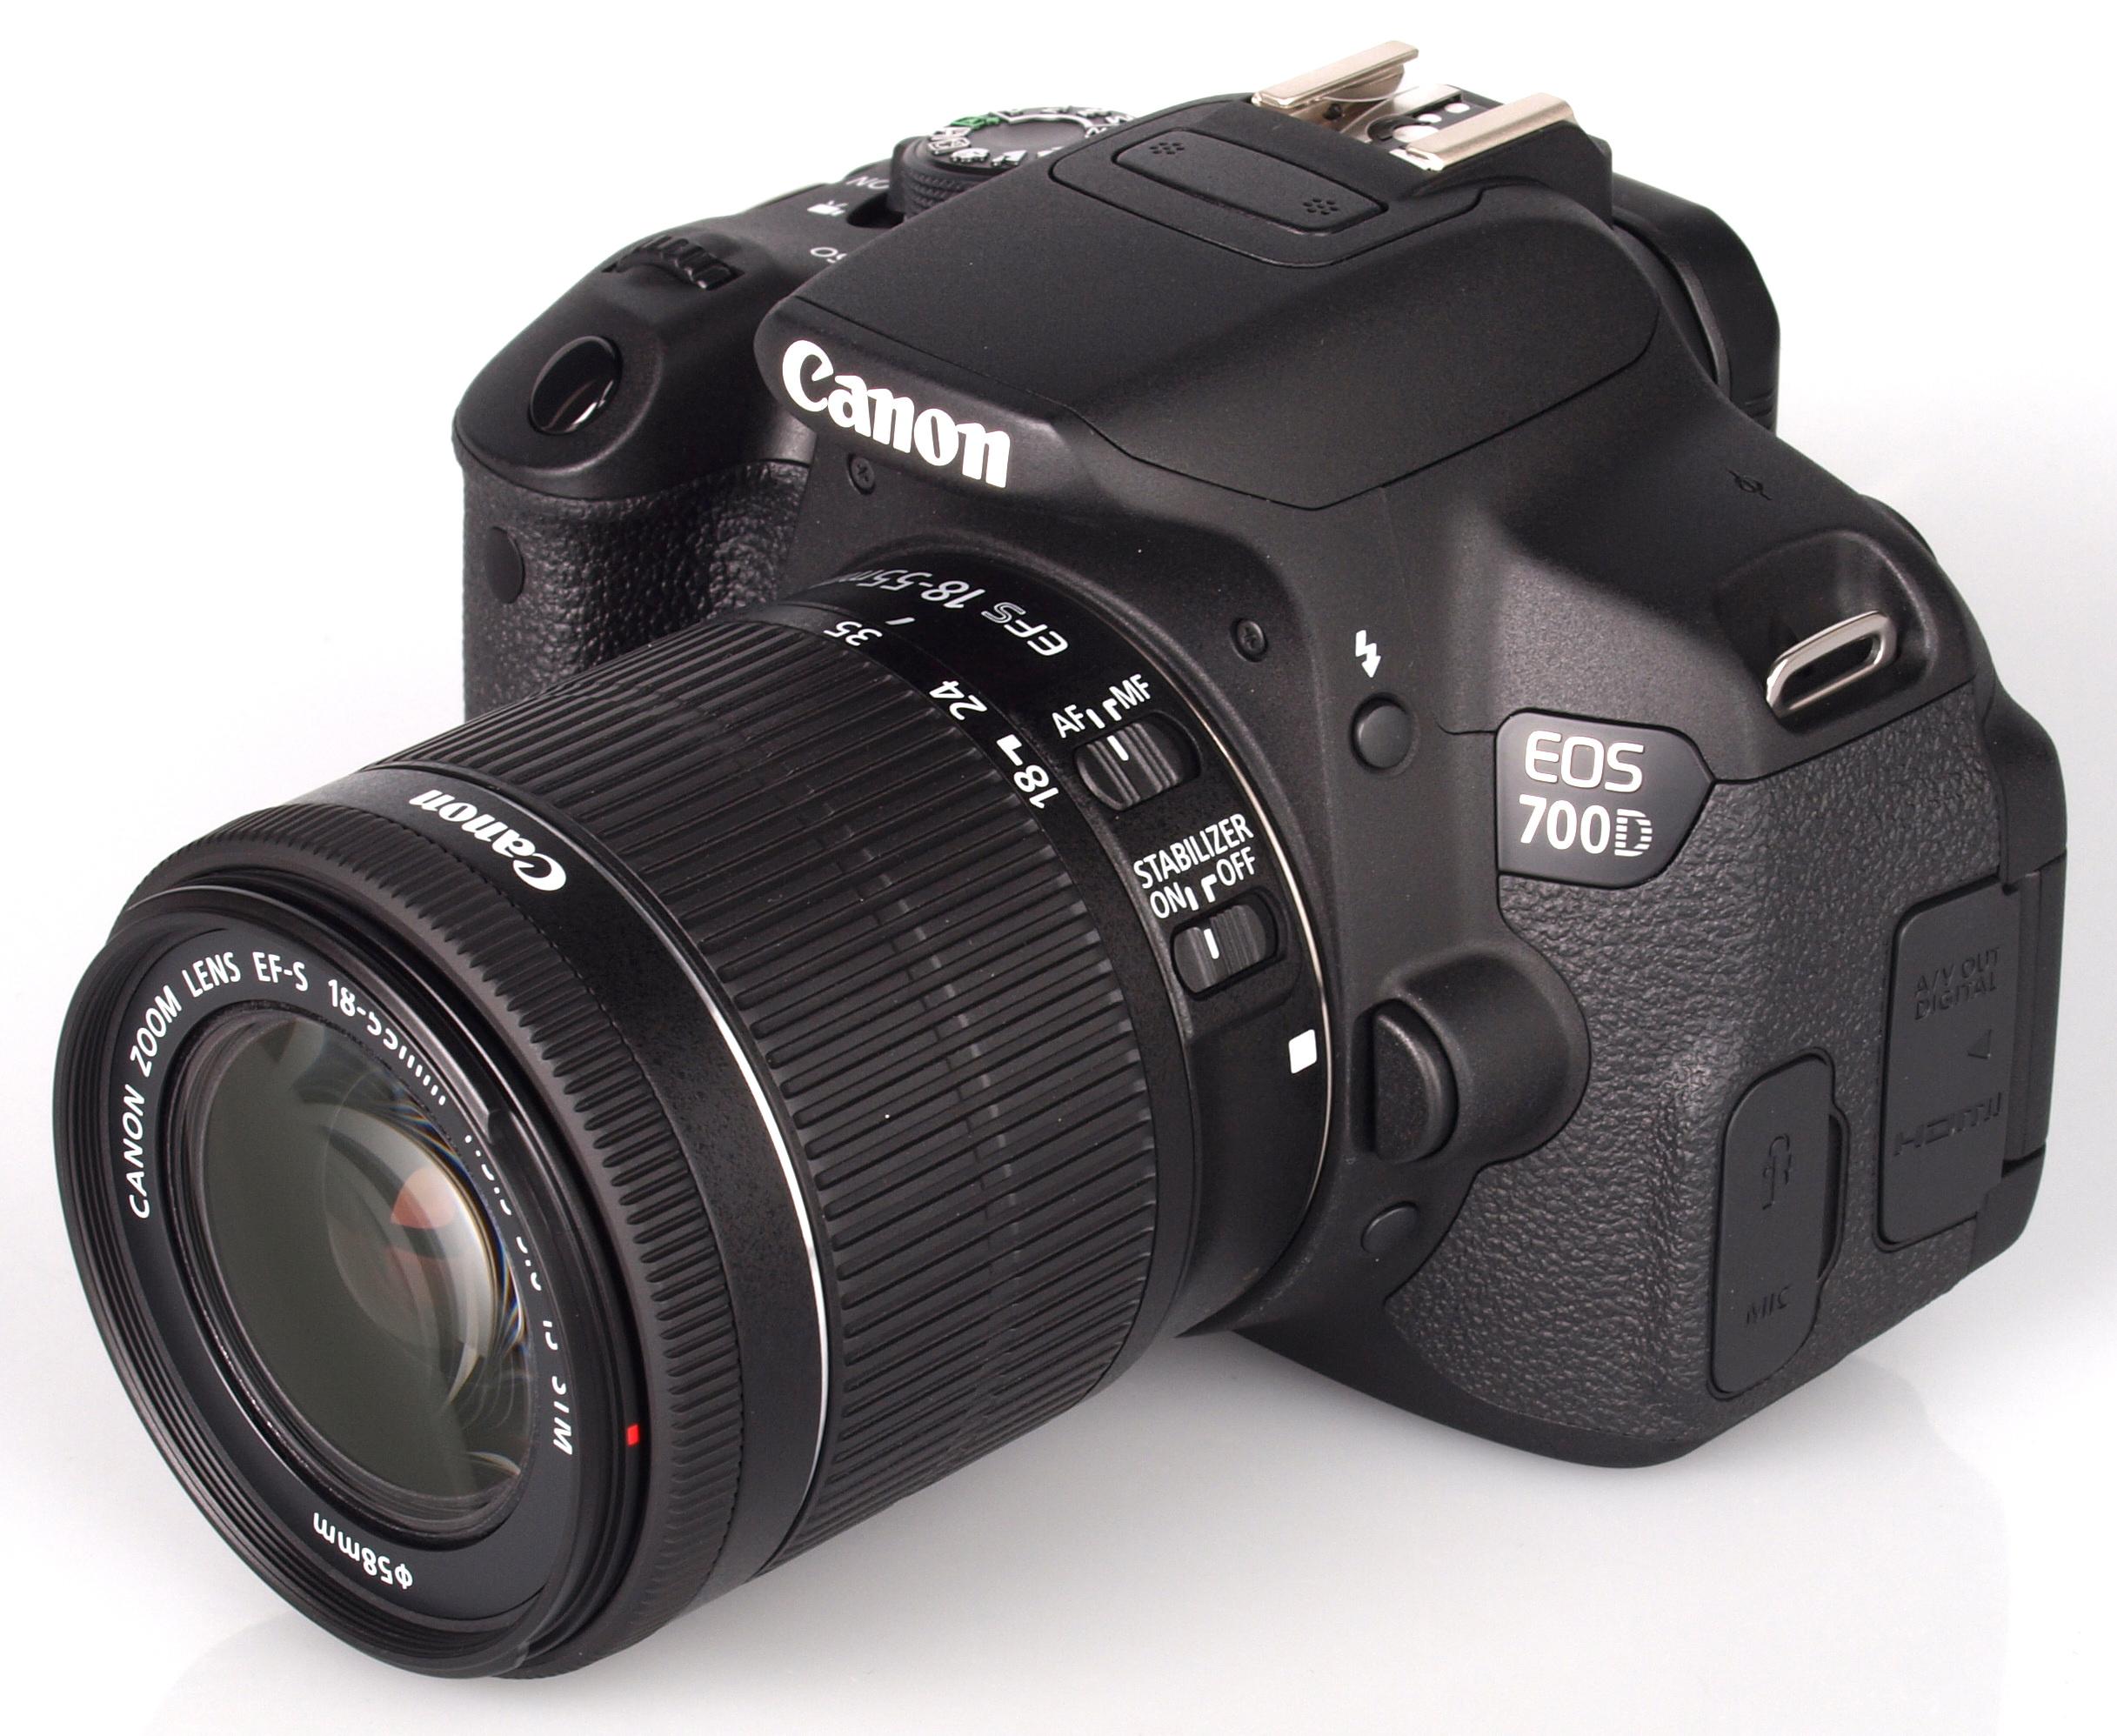 Canon EOS 700D DSLR Sample Photos